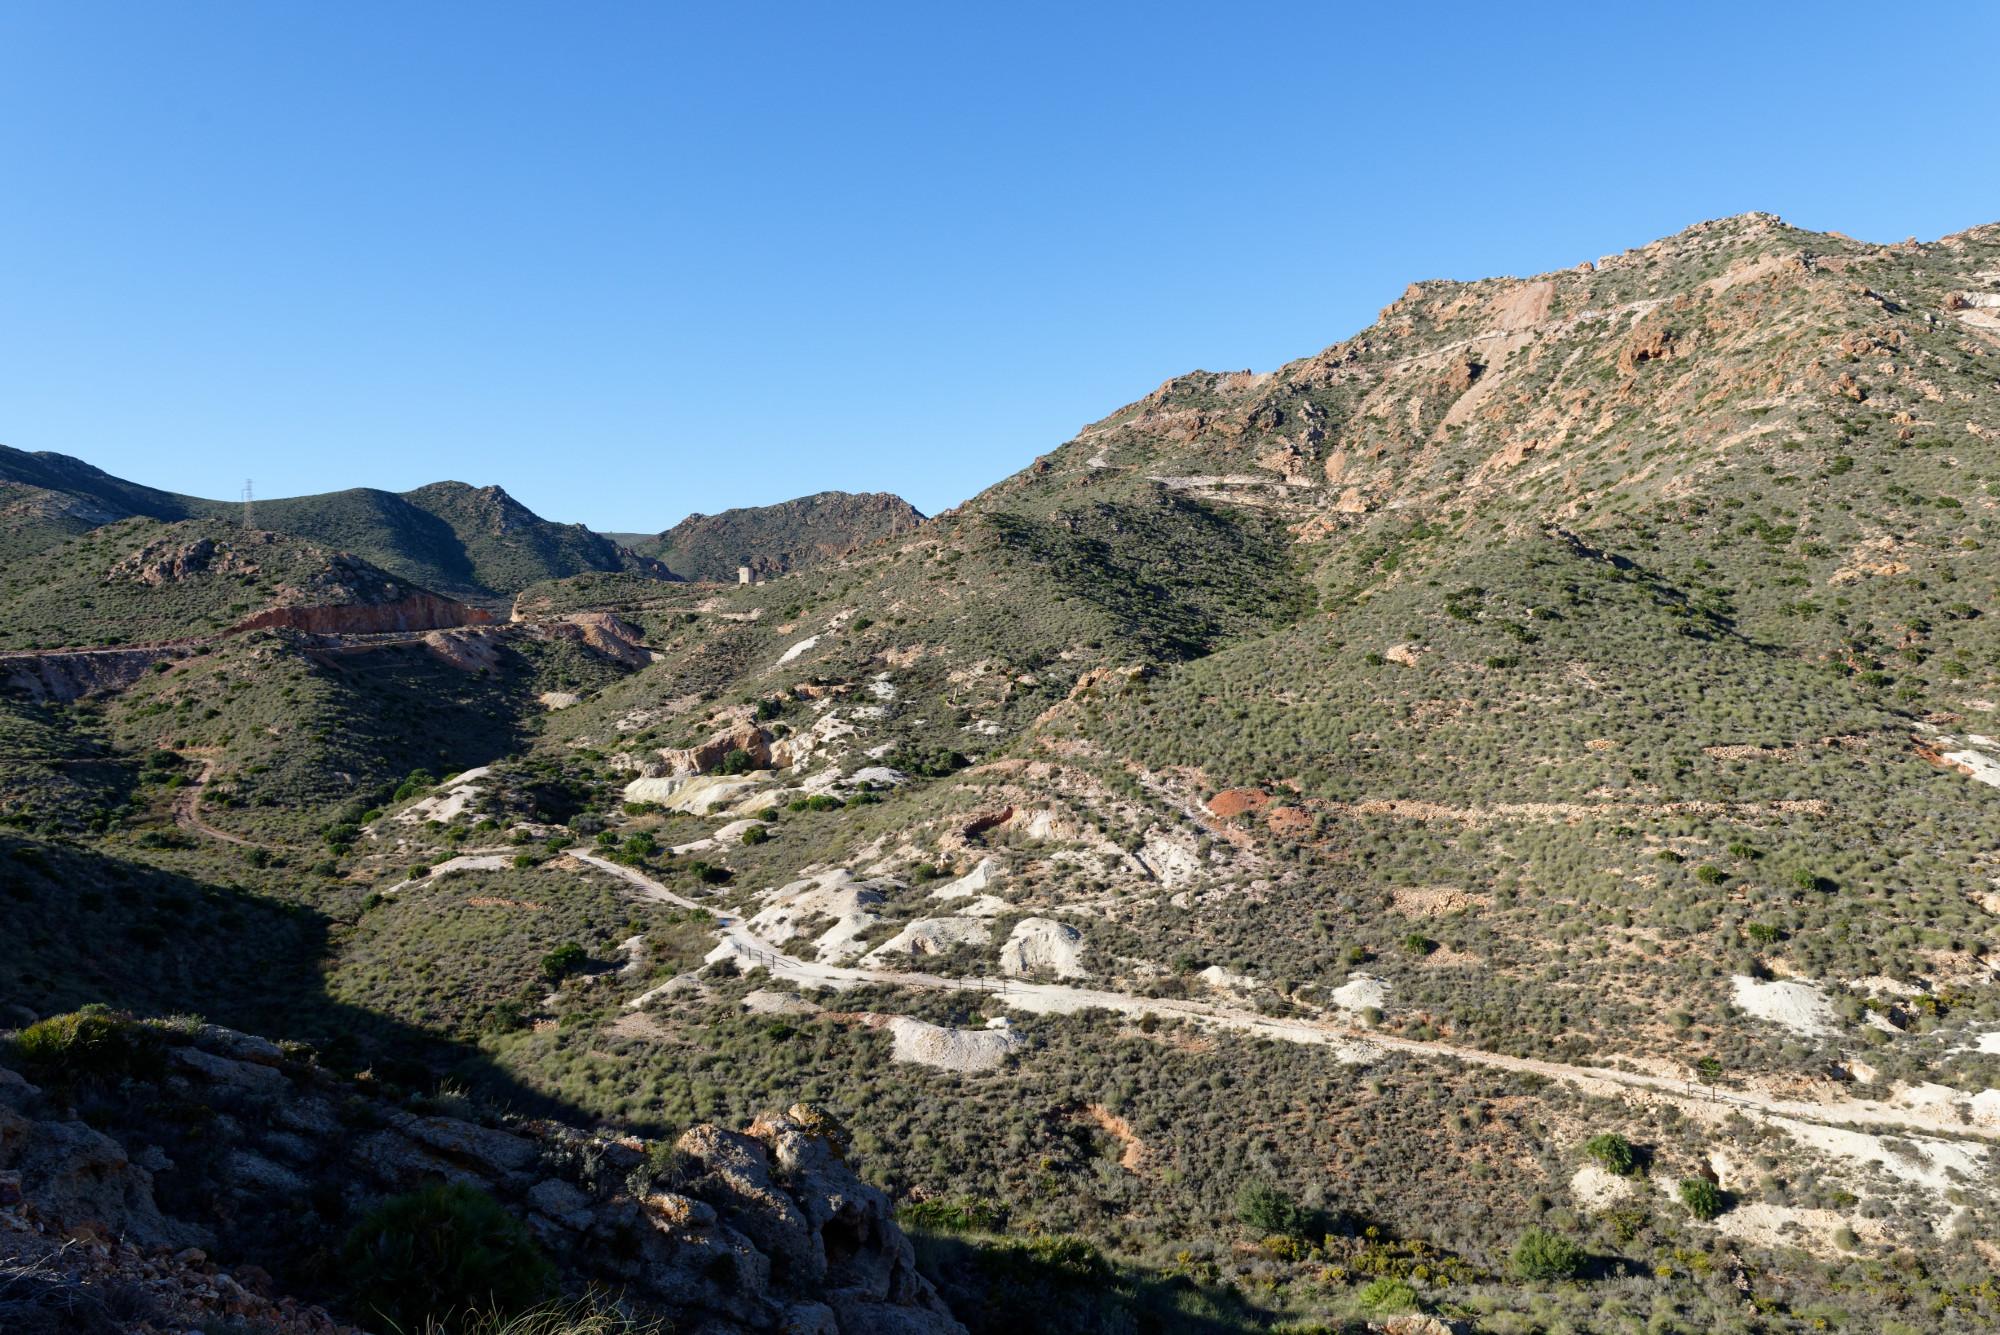 171218-Piste Rodalquilar vers Cortijo del Fraile (Cabo de Gata-Andalousie) (15)